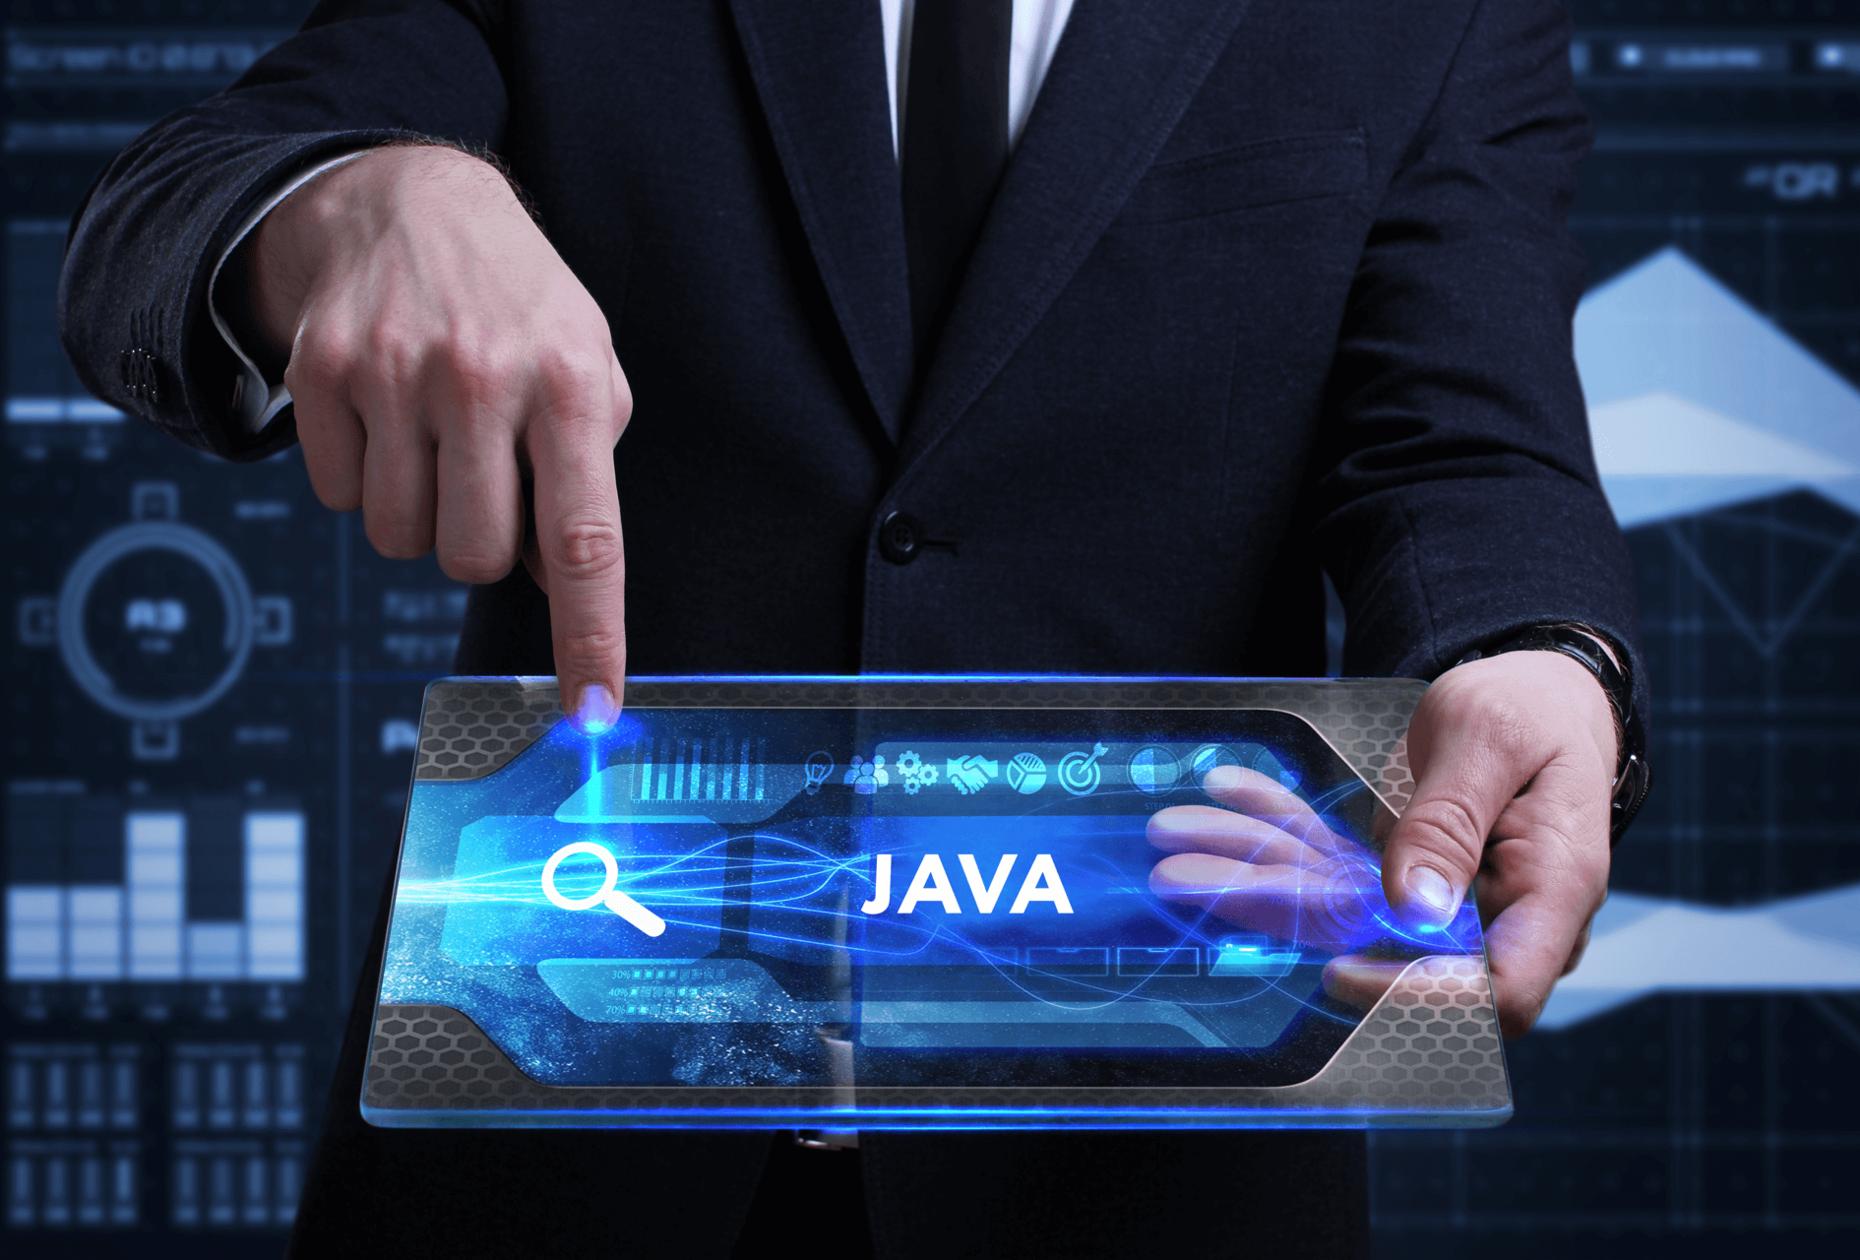 【超初心者向け】Javaとは何か?を簡単に解説